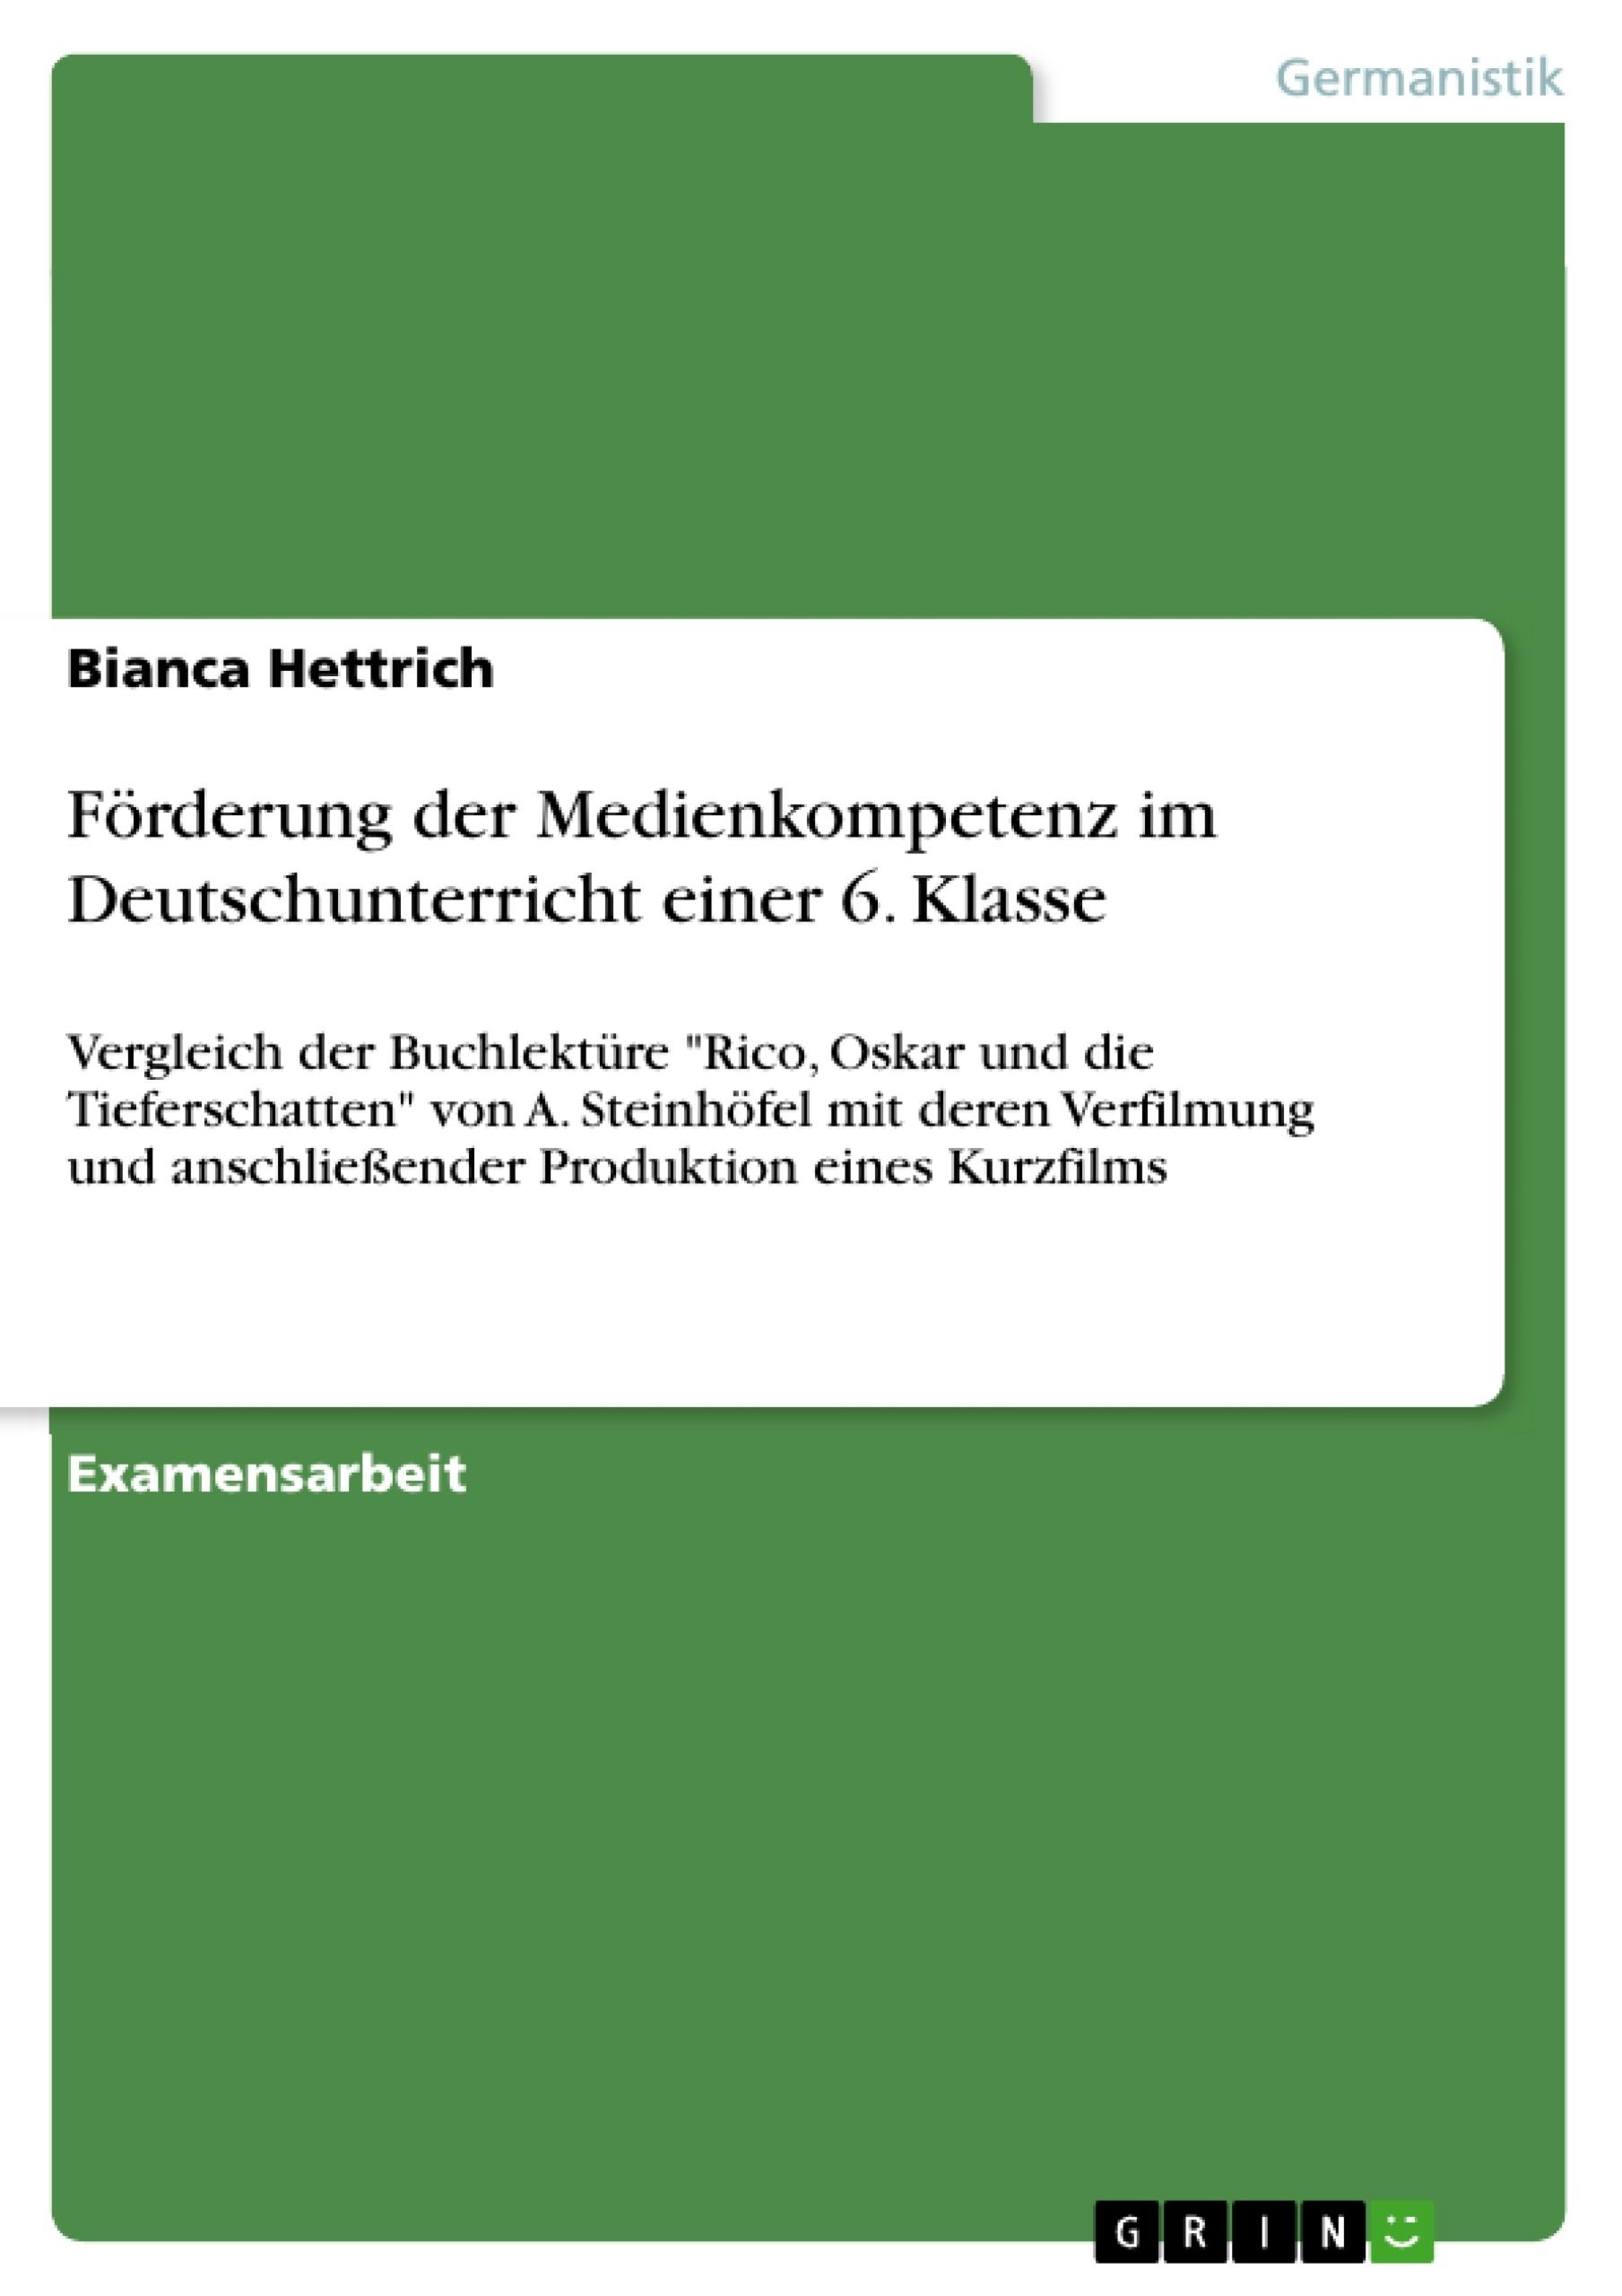 Titel: Förderung der Medienkompetenz im Deutschunterricht einer 6. Klasse